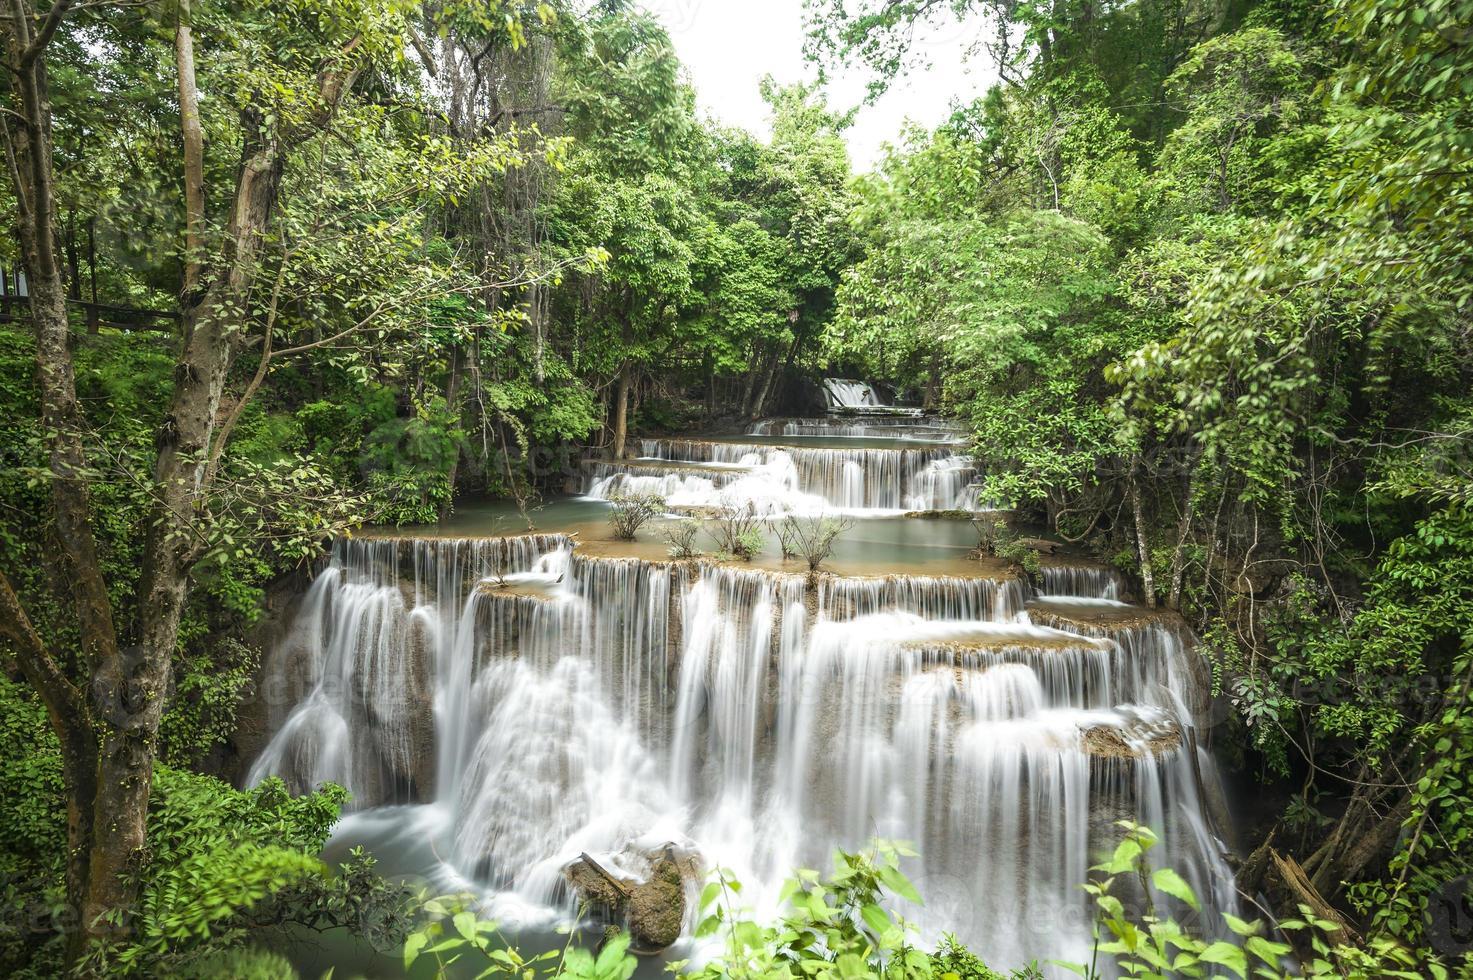 huai mae khamin vattenfall i skogen thailand foto